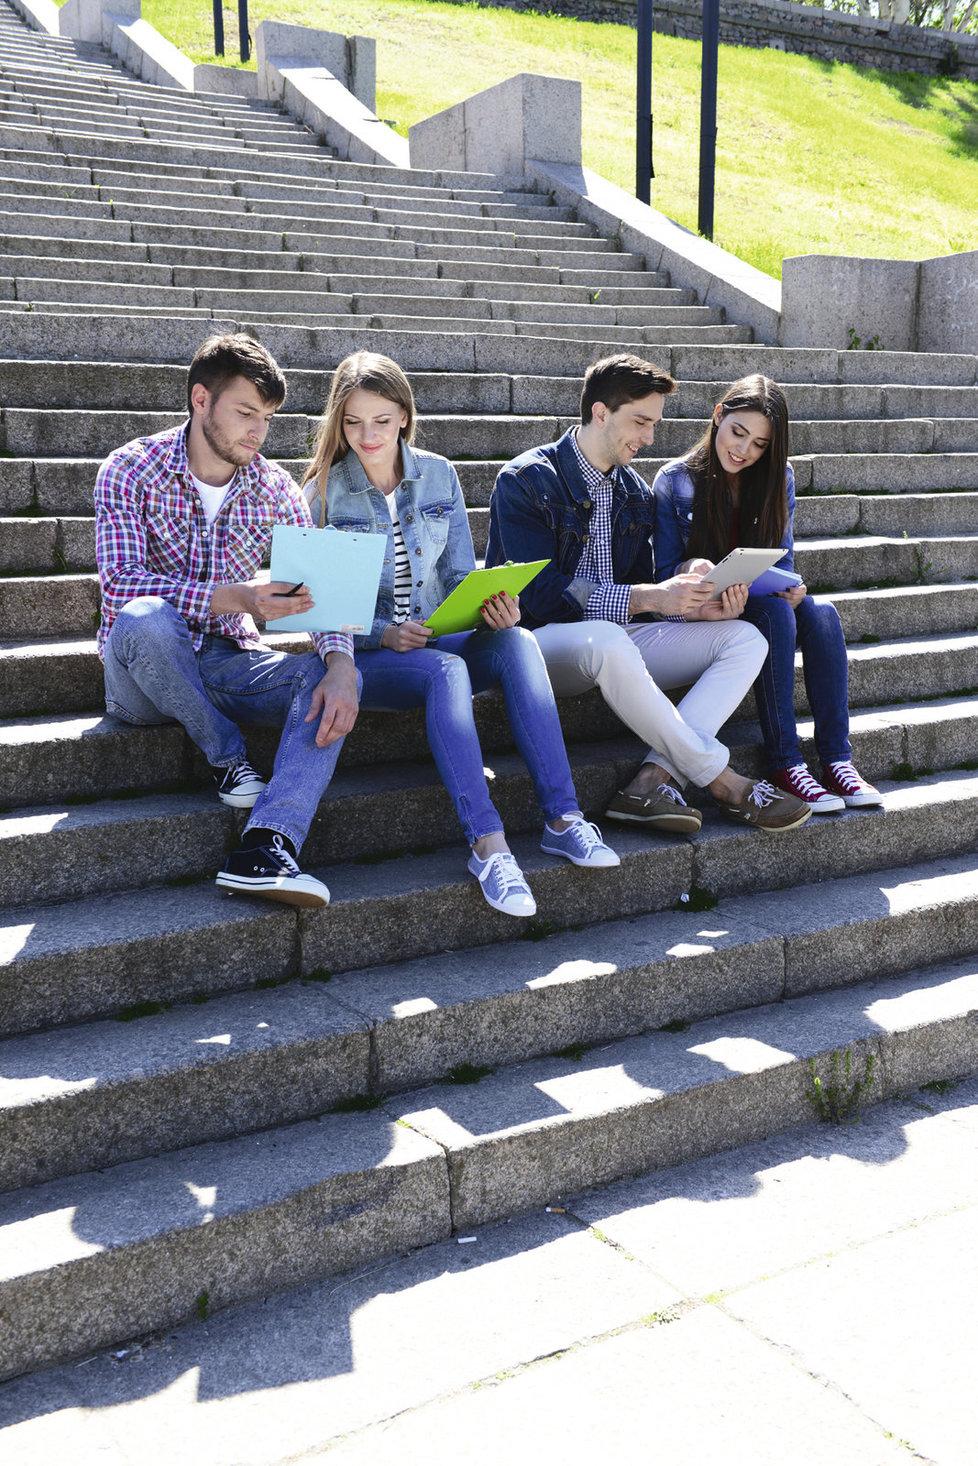 Využívejte studentské slevy.